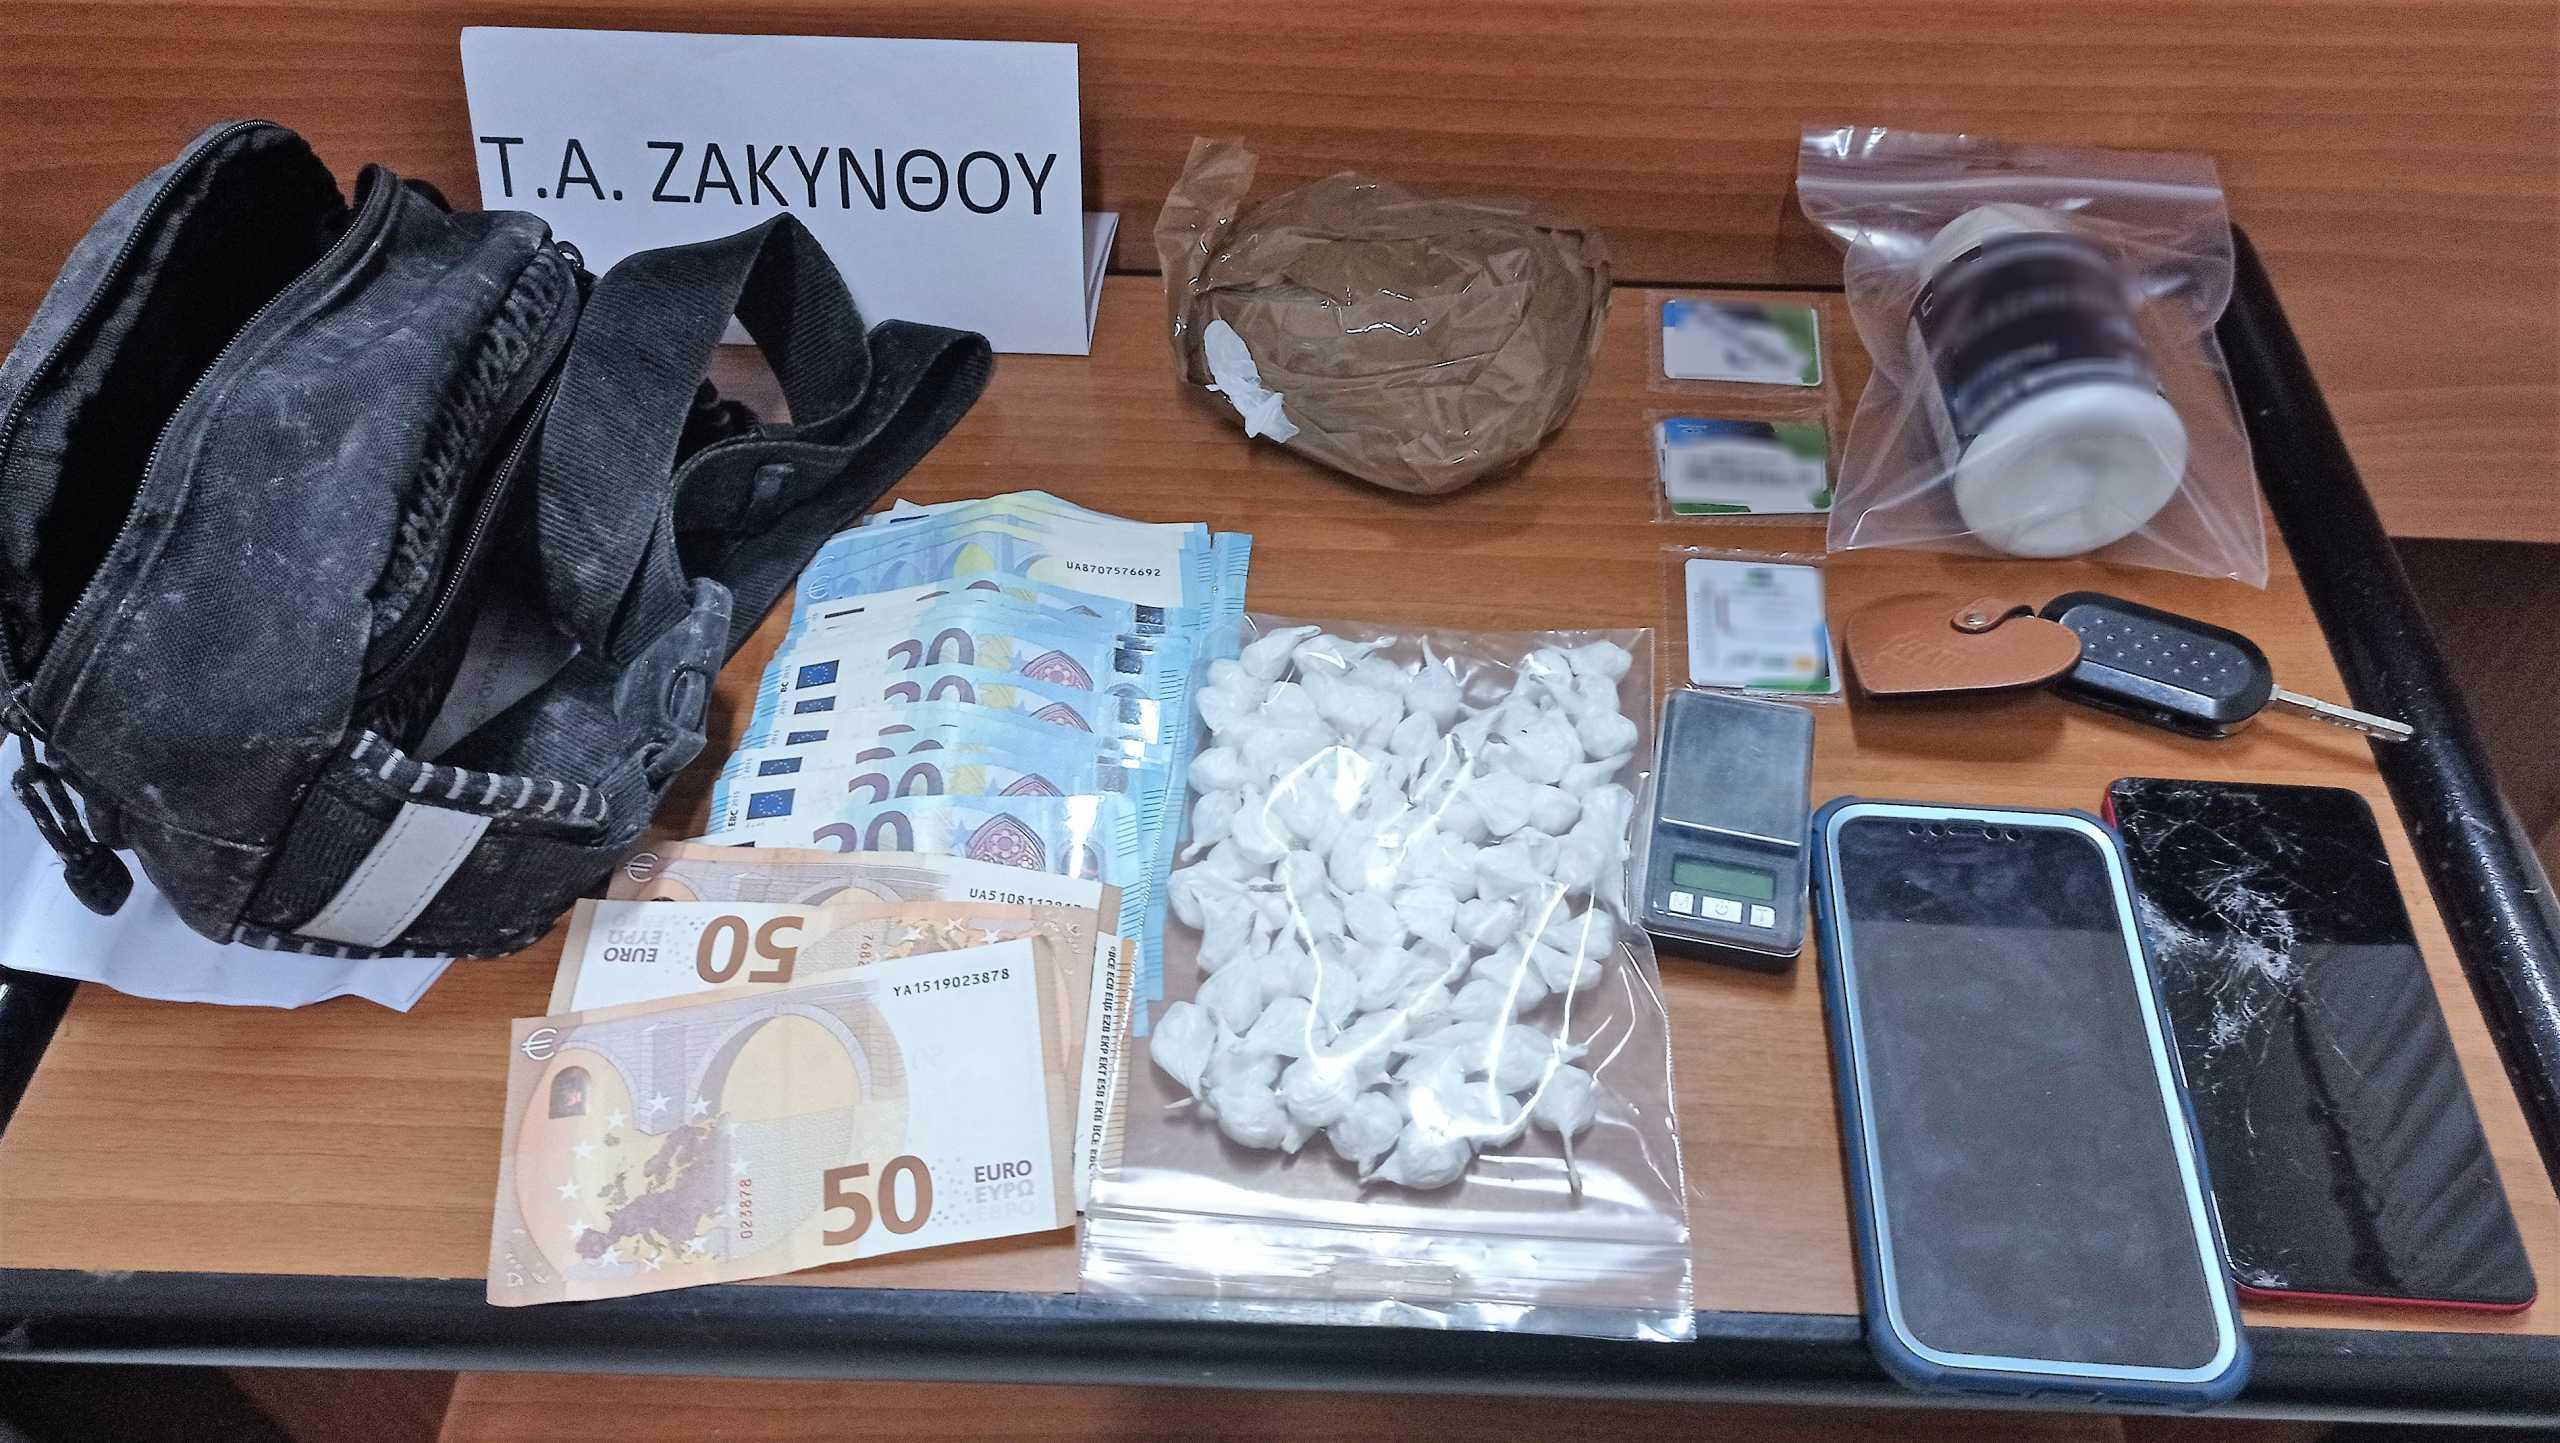 Ζάκυνθος: Έκρυβαν κάτω από πέτρες και πευκοβελόνες πάνω από 300 γραμμάρια κοκαΐνης